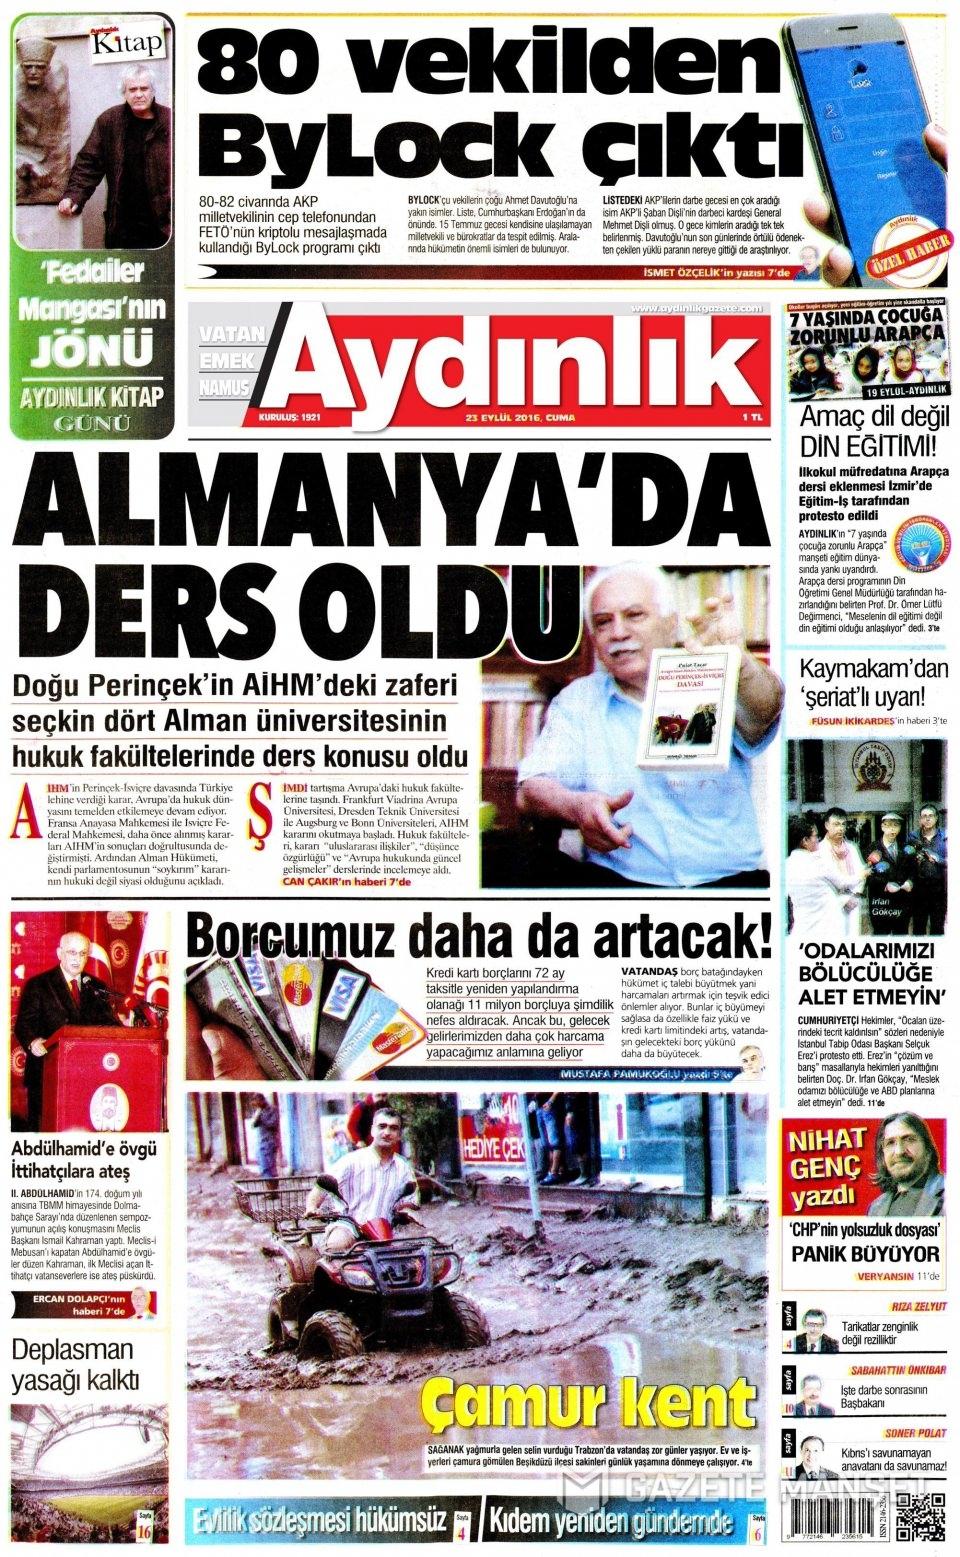 23 Eylül Cuma gazete manşetleri 13